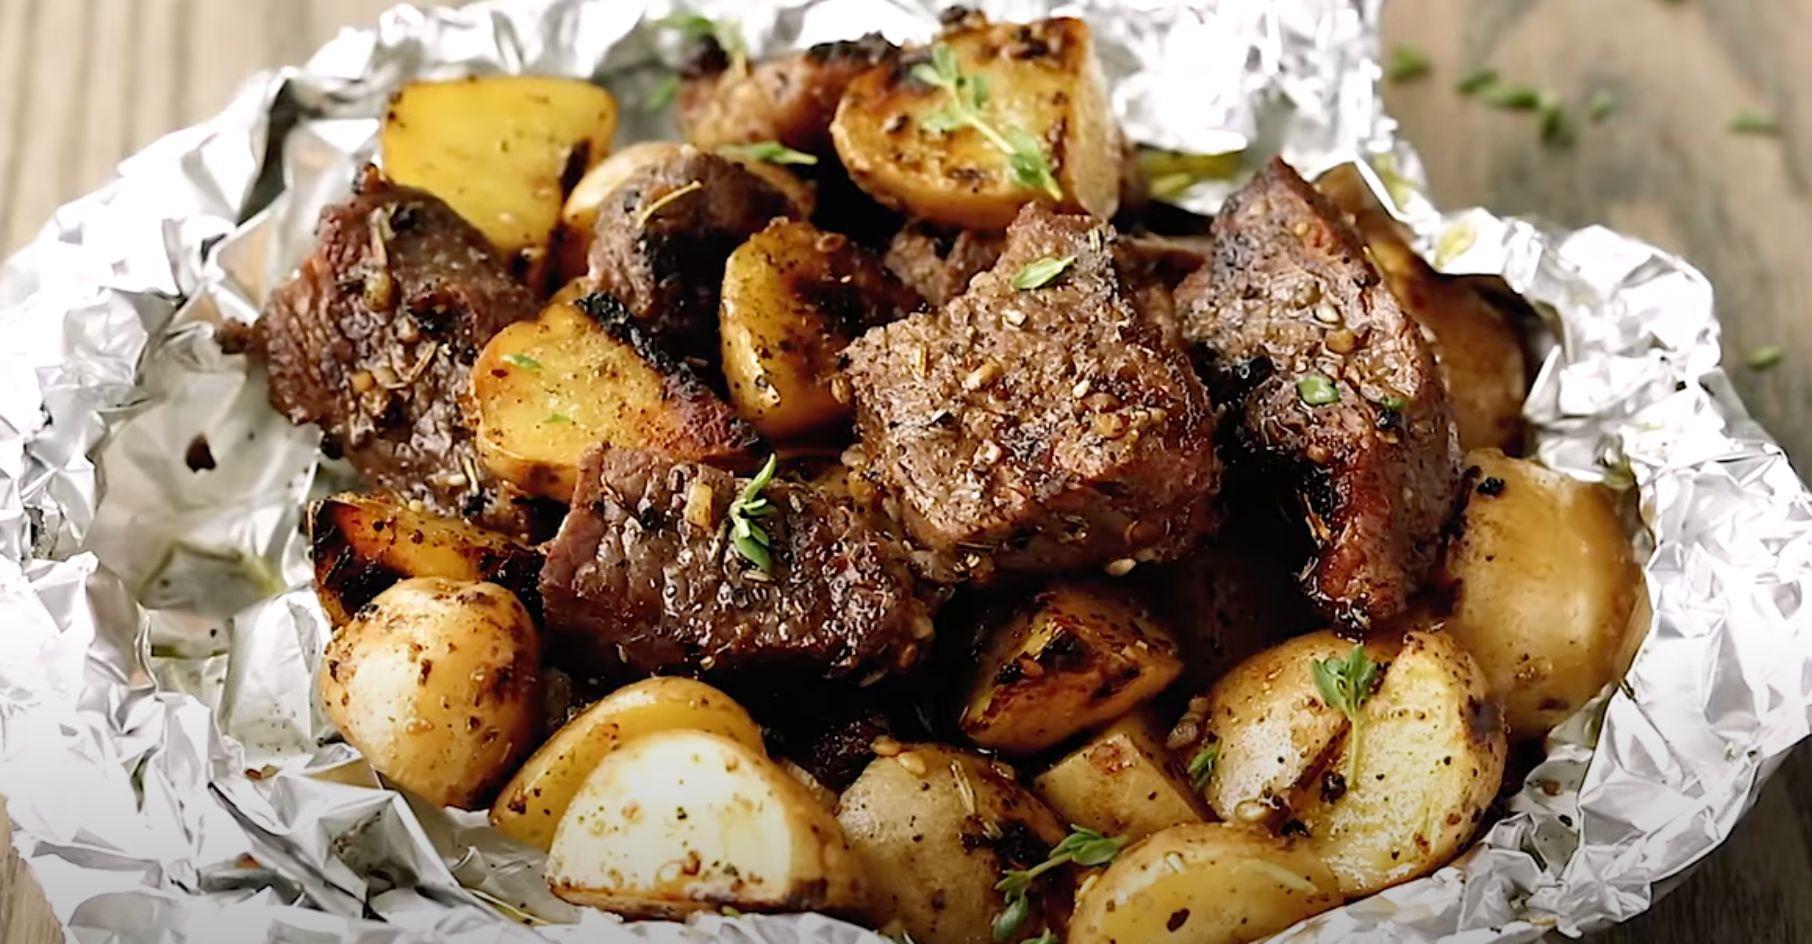 Butter Garlic Herb Steak Foil Packets Recipe